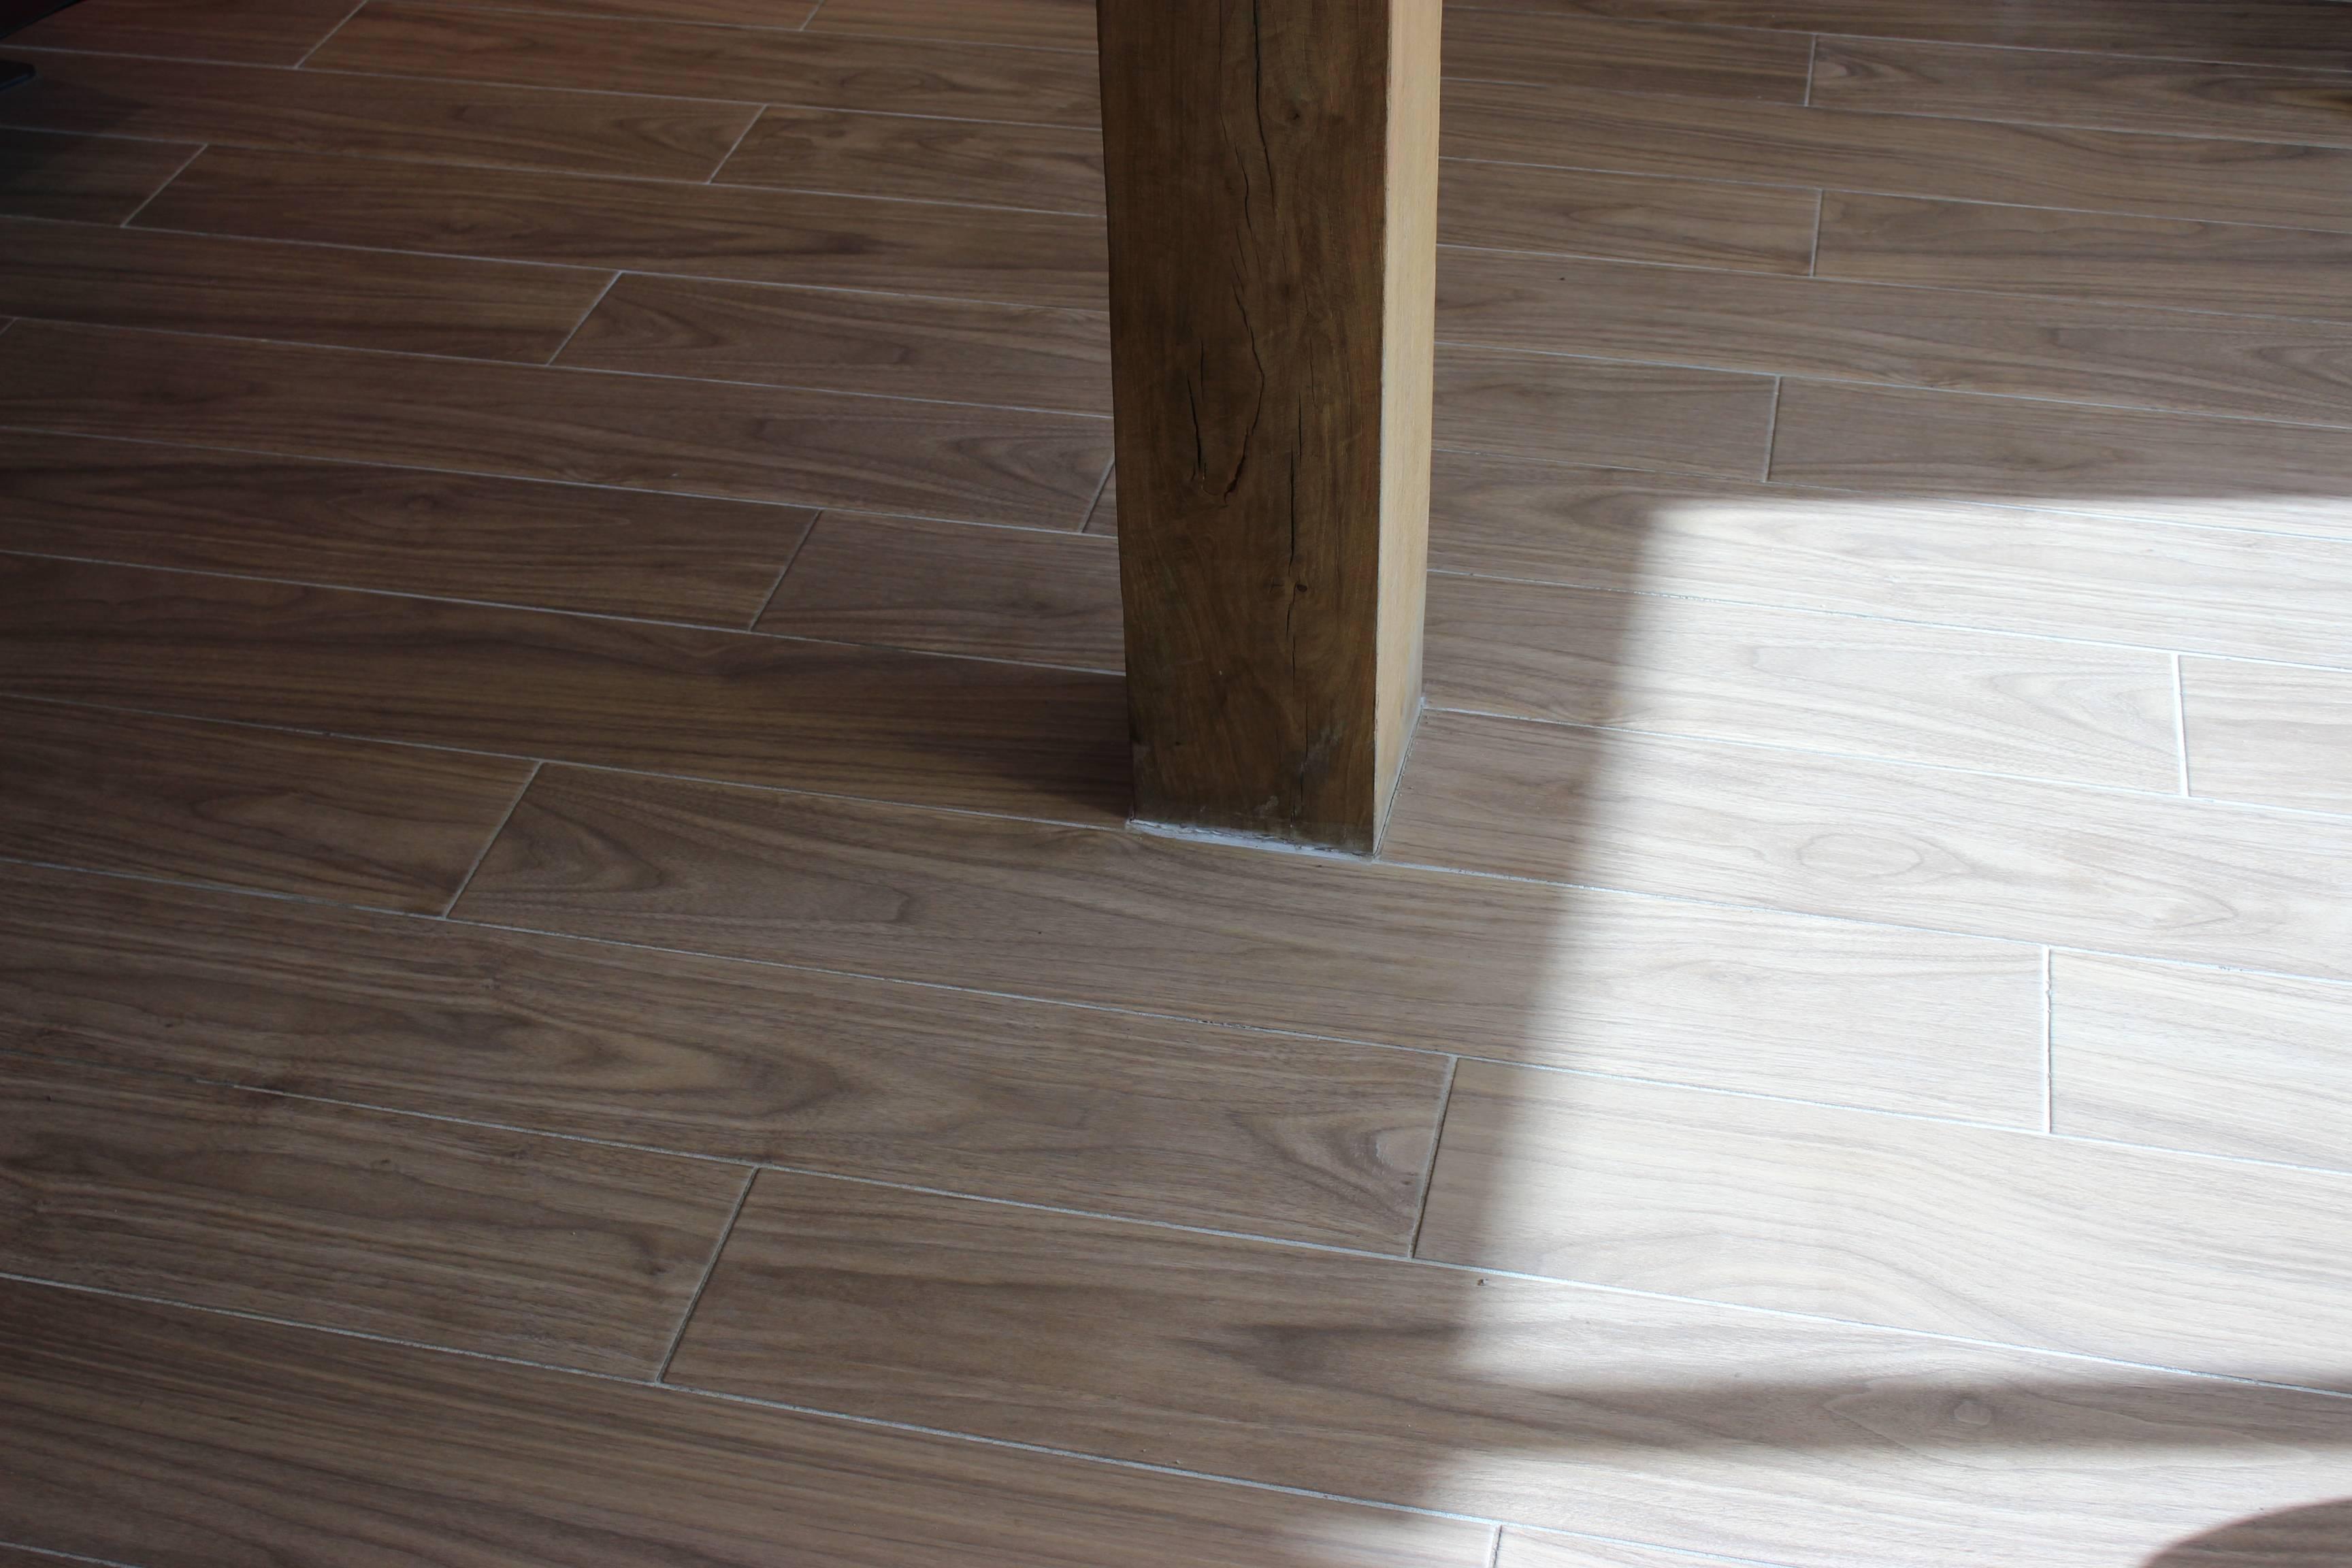 Carrelage parquet beige 20x120 cm LONG 92